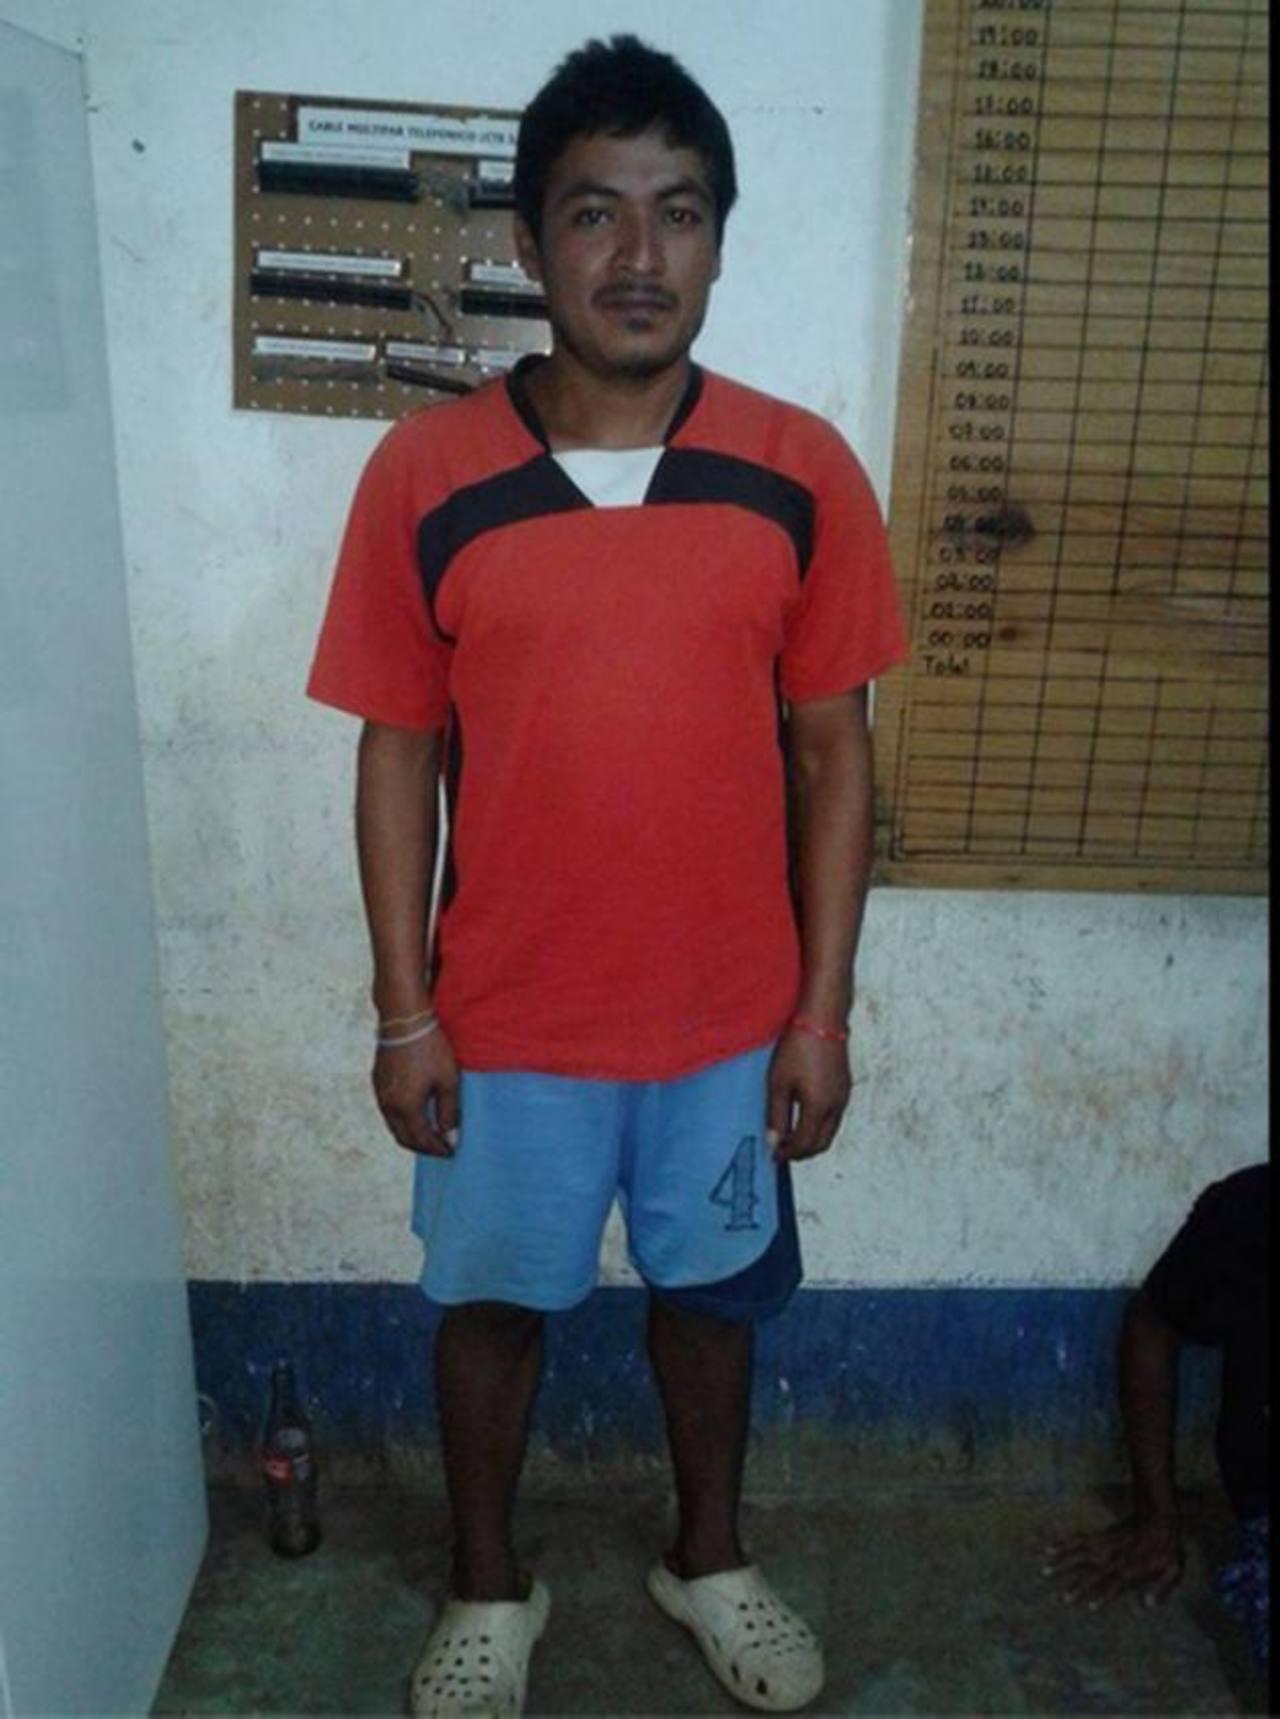 Marvin Alberto Cruz Orellana está vinculado, según la Policía, al asesinato de cinco personas. Foto EDH / cortesía